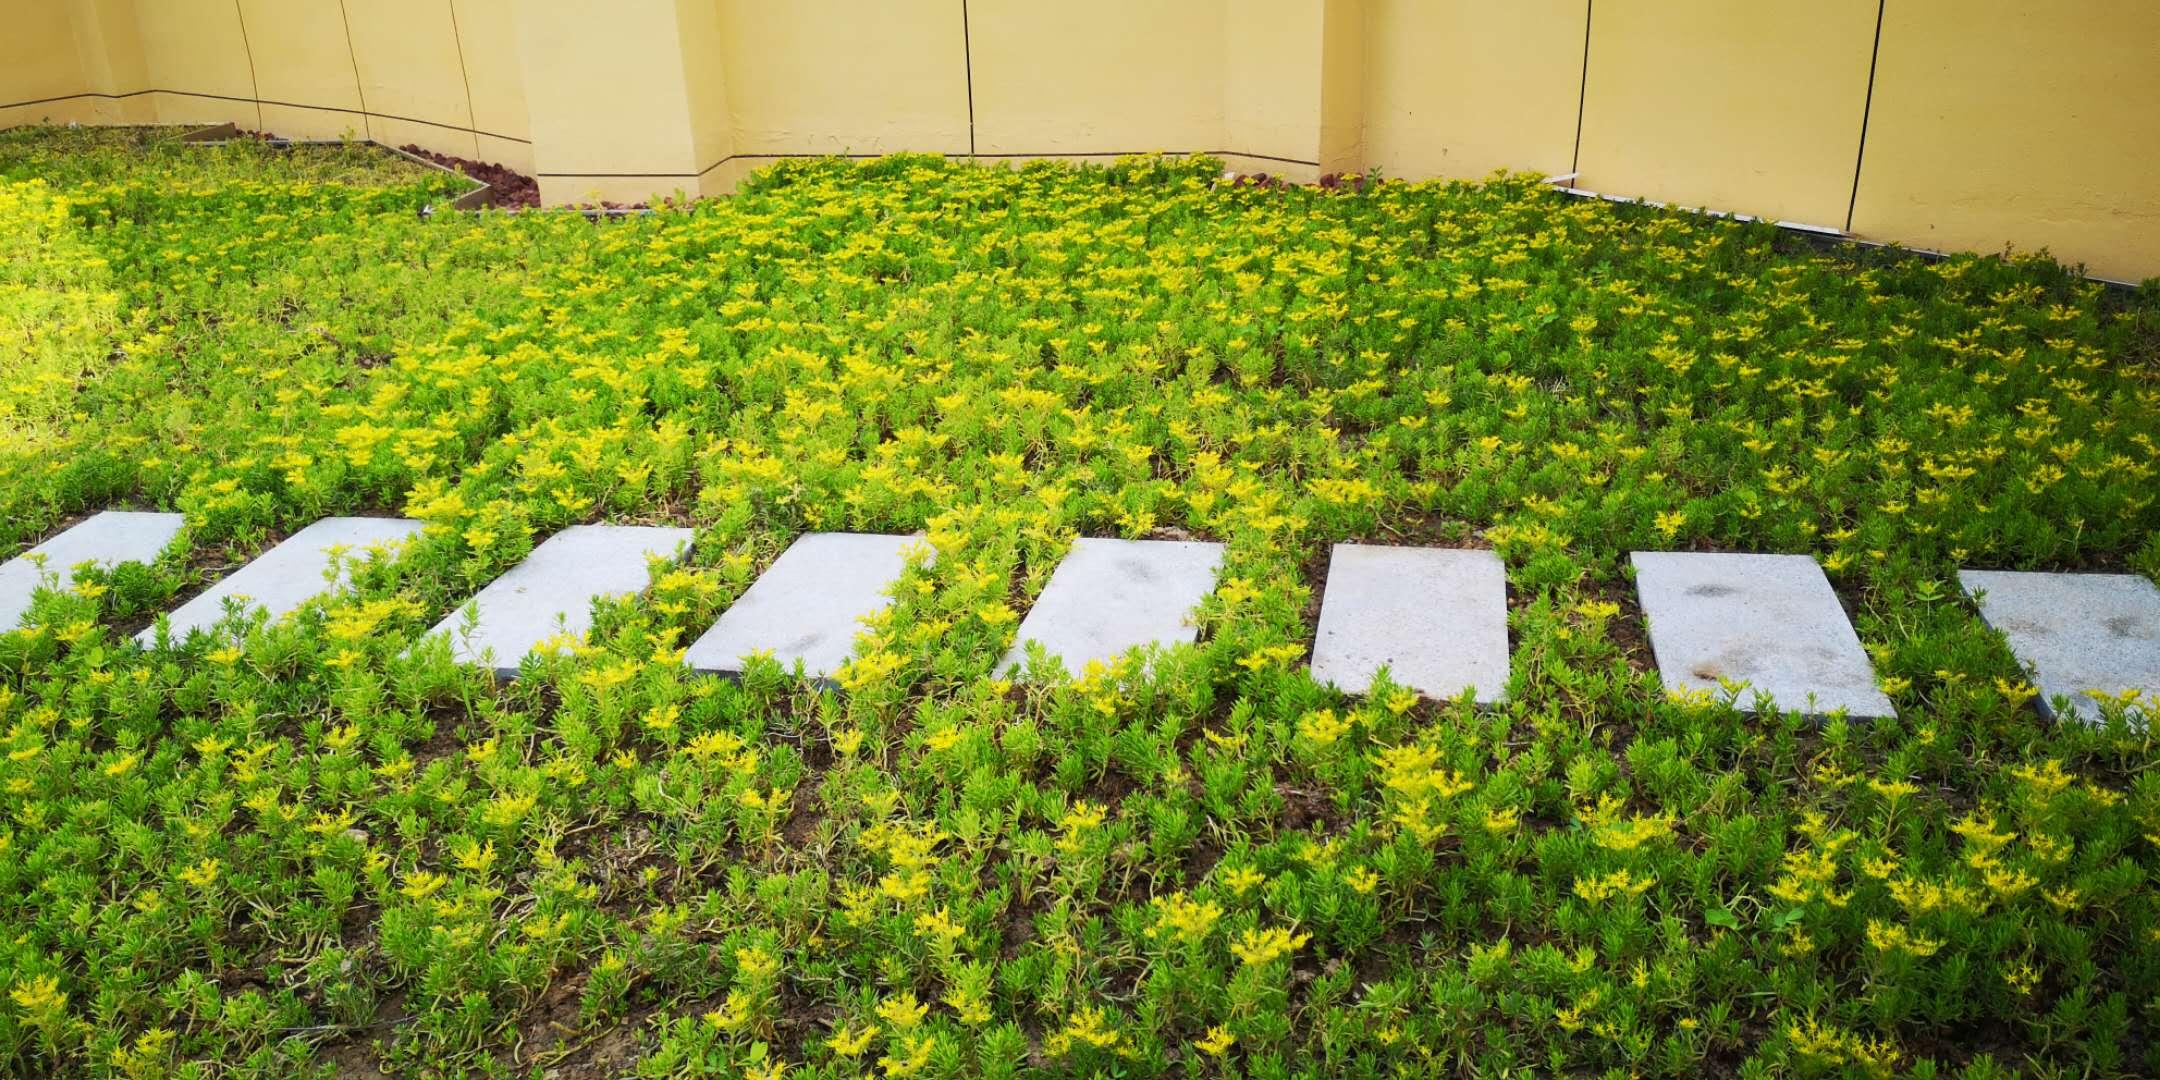 组合式屋顶绿化容器高效解决屋面生态种植方案